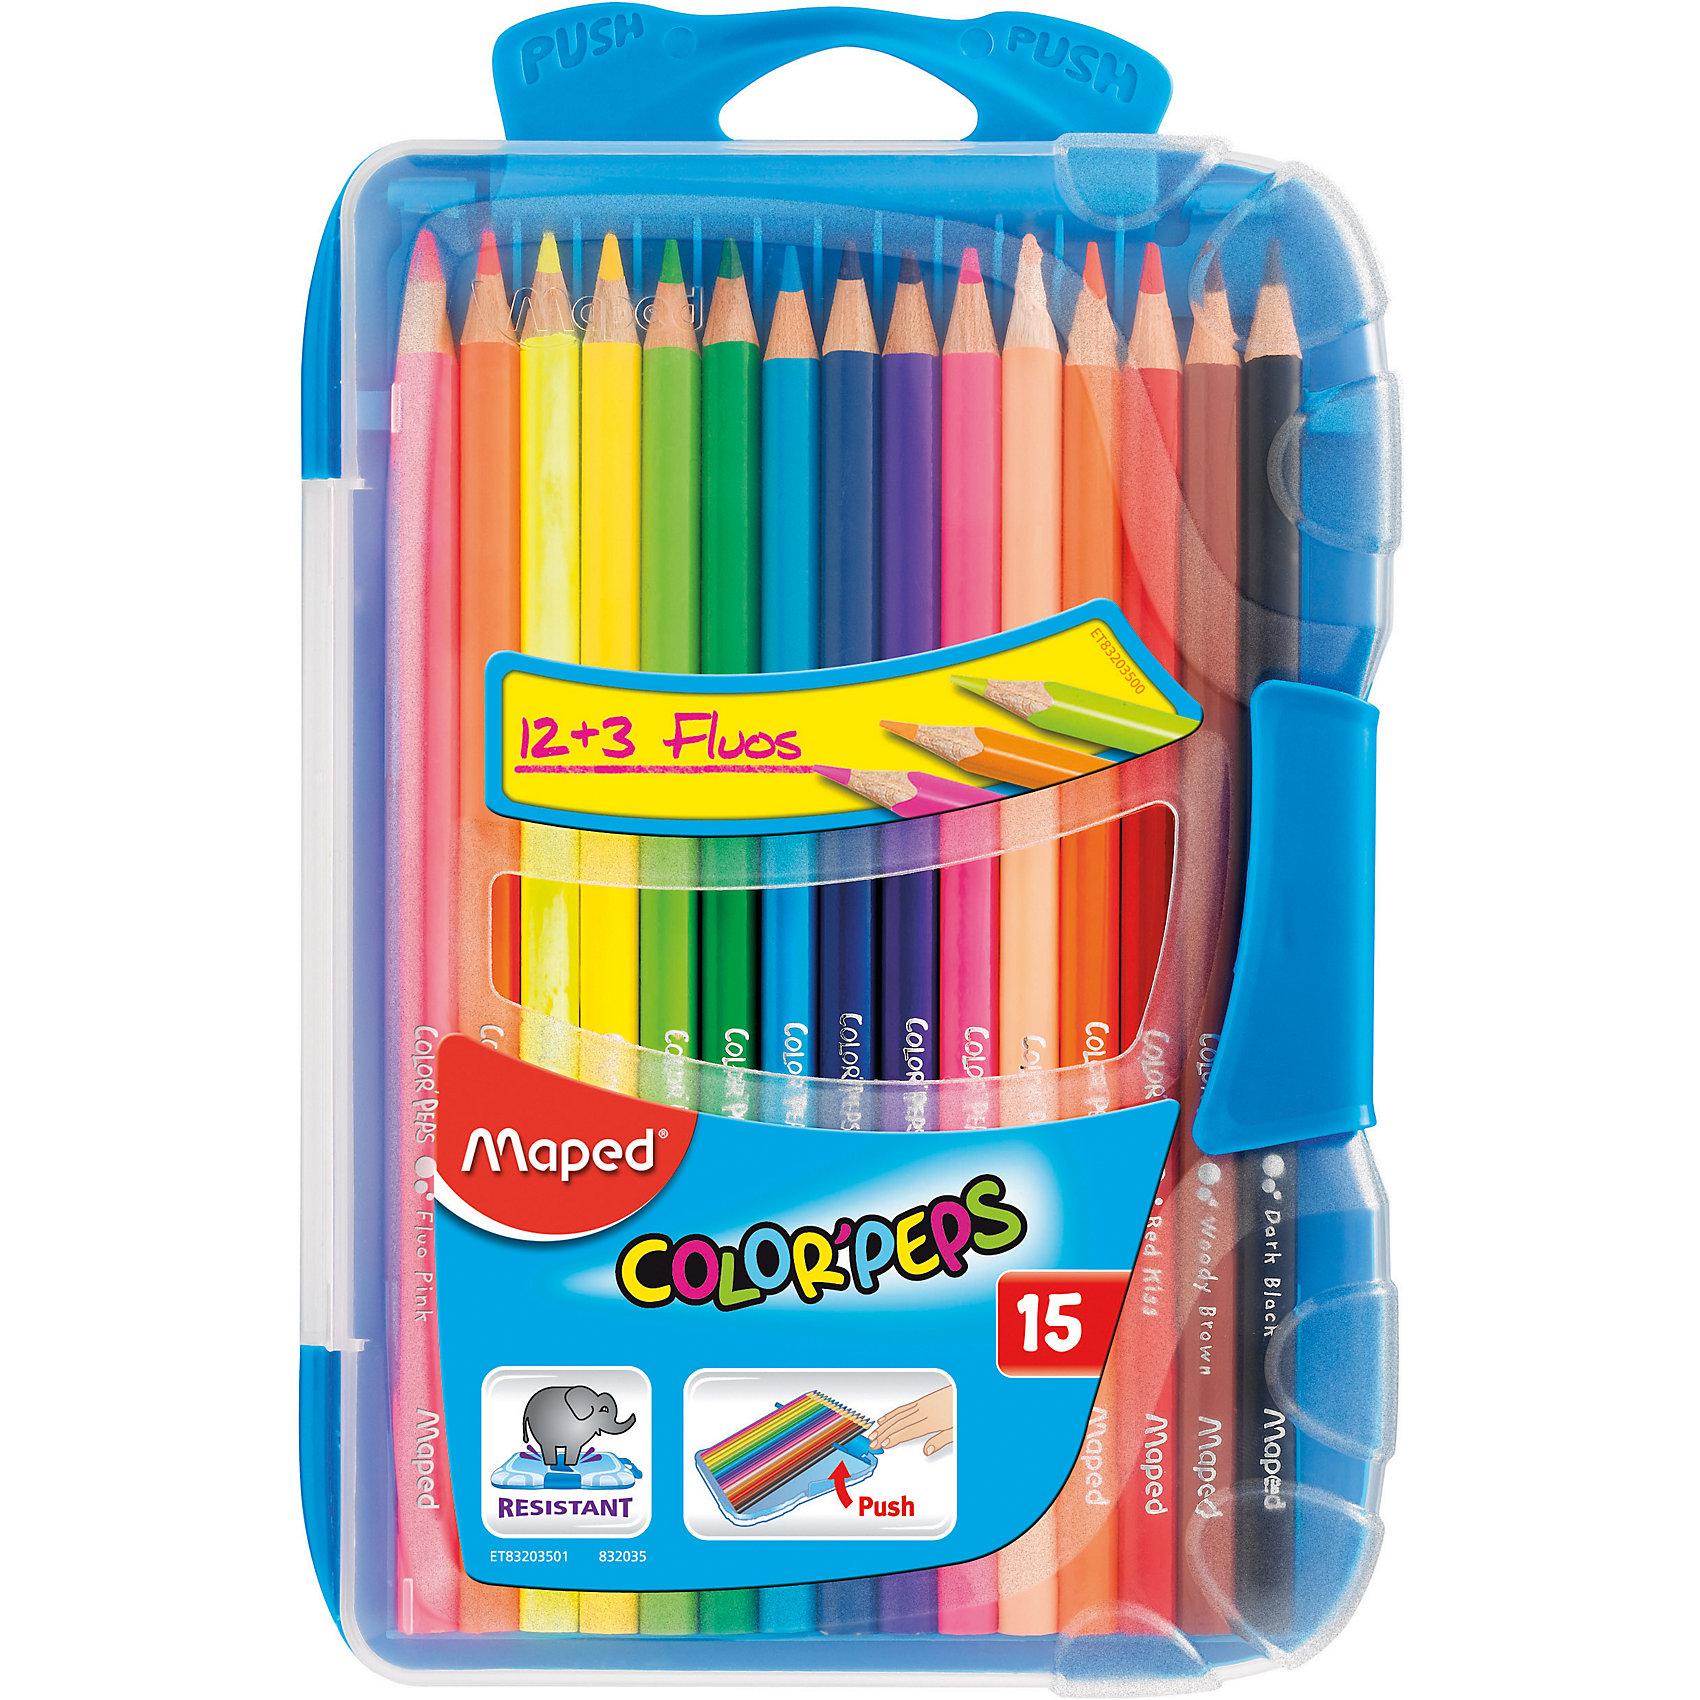 Набор цветных карандашей в пенале КАР COLORPEPS, 15 цв.Письменные принадлежности<br>Набор цветных карандашей в пенале КАР COLORPEPS, 15 цв. от марки Maped<br><br>Эти карандаши созданы компанией Maped для комфортного и легкого рисования. Легко затачиваются, при этом грифель очень устойчив к поломкам. Цвета яркие, линия мягкая и однородная.<br>Грифель - из высококачественного материала. В наборе - 15 карандашей разных цветов (плюс - три флюоресцентных). Они отлично лежат в руке благодаря удобной форме и качественному покрытию. Действительно удобный инструмент для рисования. Созданы для ярких картин! Безопасны для детей. Также в набор входит пластиковый удобный пенал.<br>Особенности данной модели:<br><br>материал корпуса: дерево;<br>комплектация: 15 цветных карандашей, 3 флюоресцентных;<br>упаковка: пластиковый пенал;<br><br>Набор цветных карандашей в пенале КАР COLORPEPS, 15 цв. от марки Maped можно купить в нашем магазине.<br><br>Ширина мм: 136<br>Глубина мм: 212<br>Высота мм: 20<br>Вес г: 154<br>Возраст от месяцев: 36<br>Возраст до месяцев: 2147483647<br>Пол: Унисекс<br>Возраст: Детский<br>SKU: 4684746